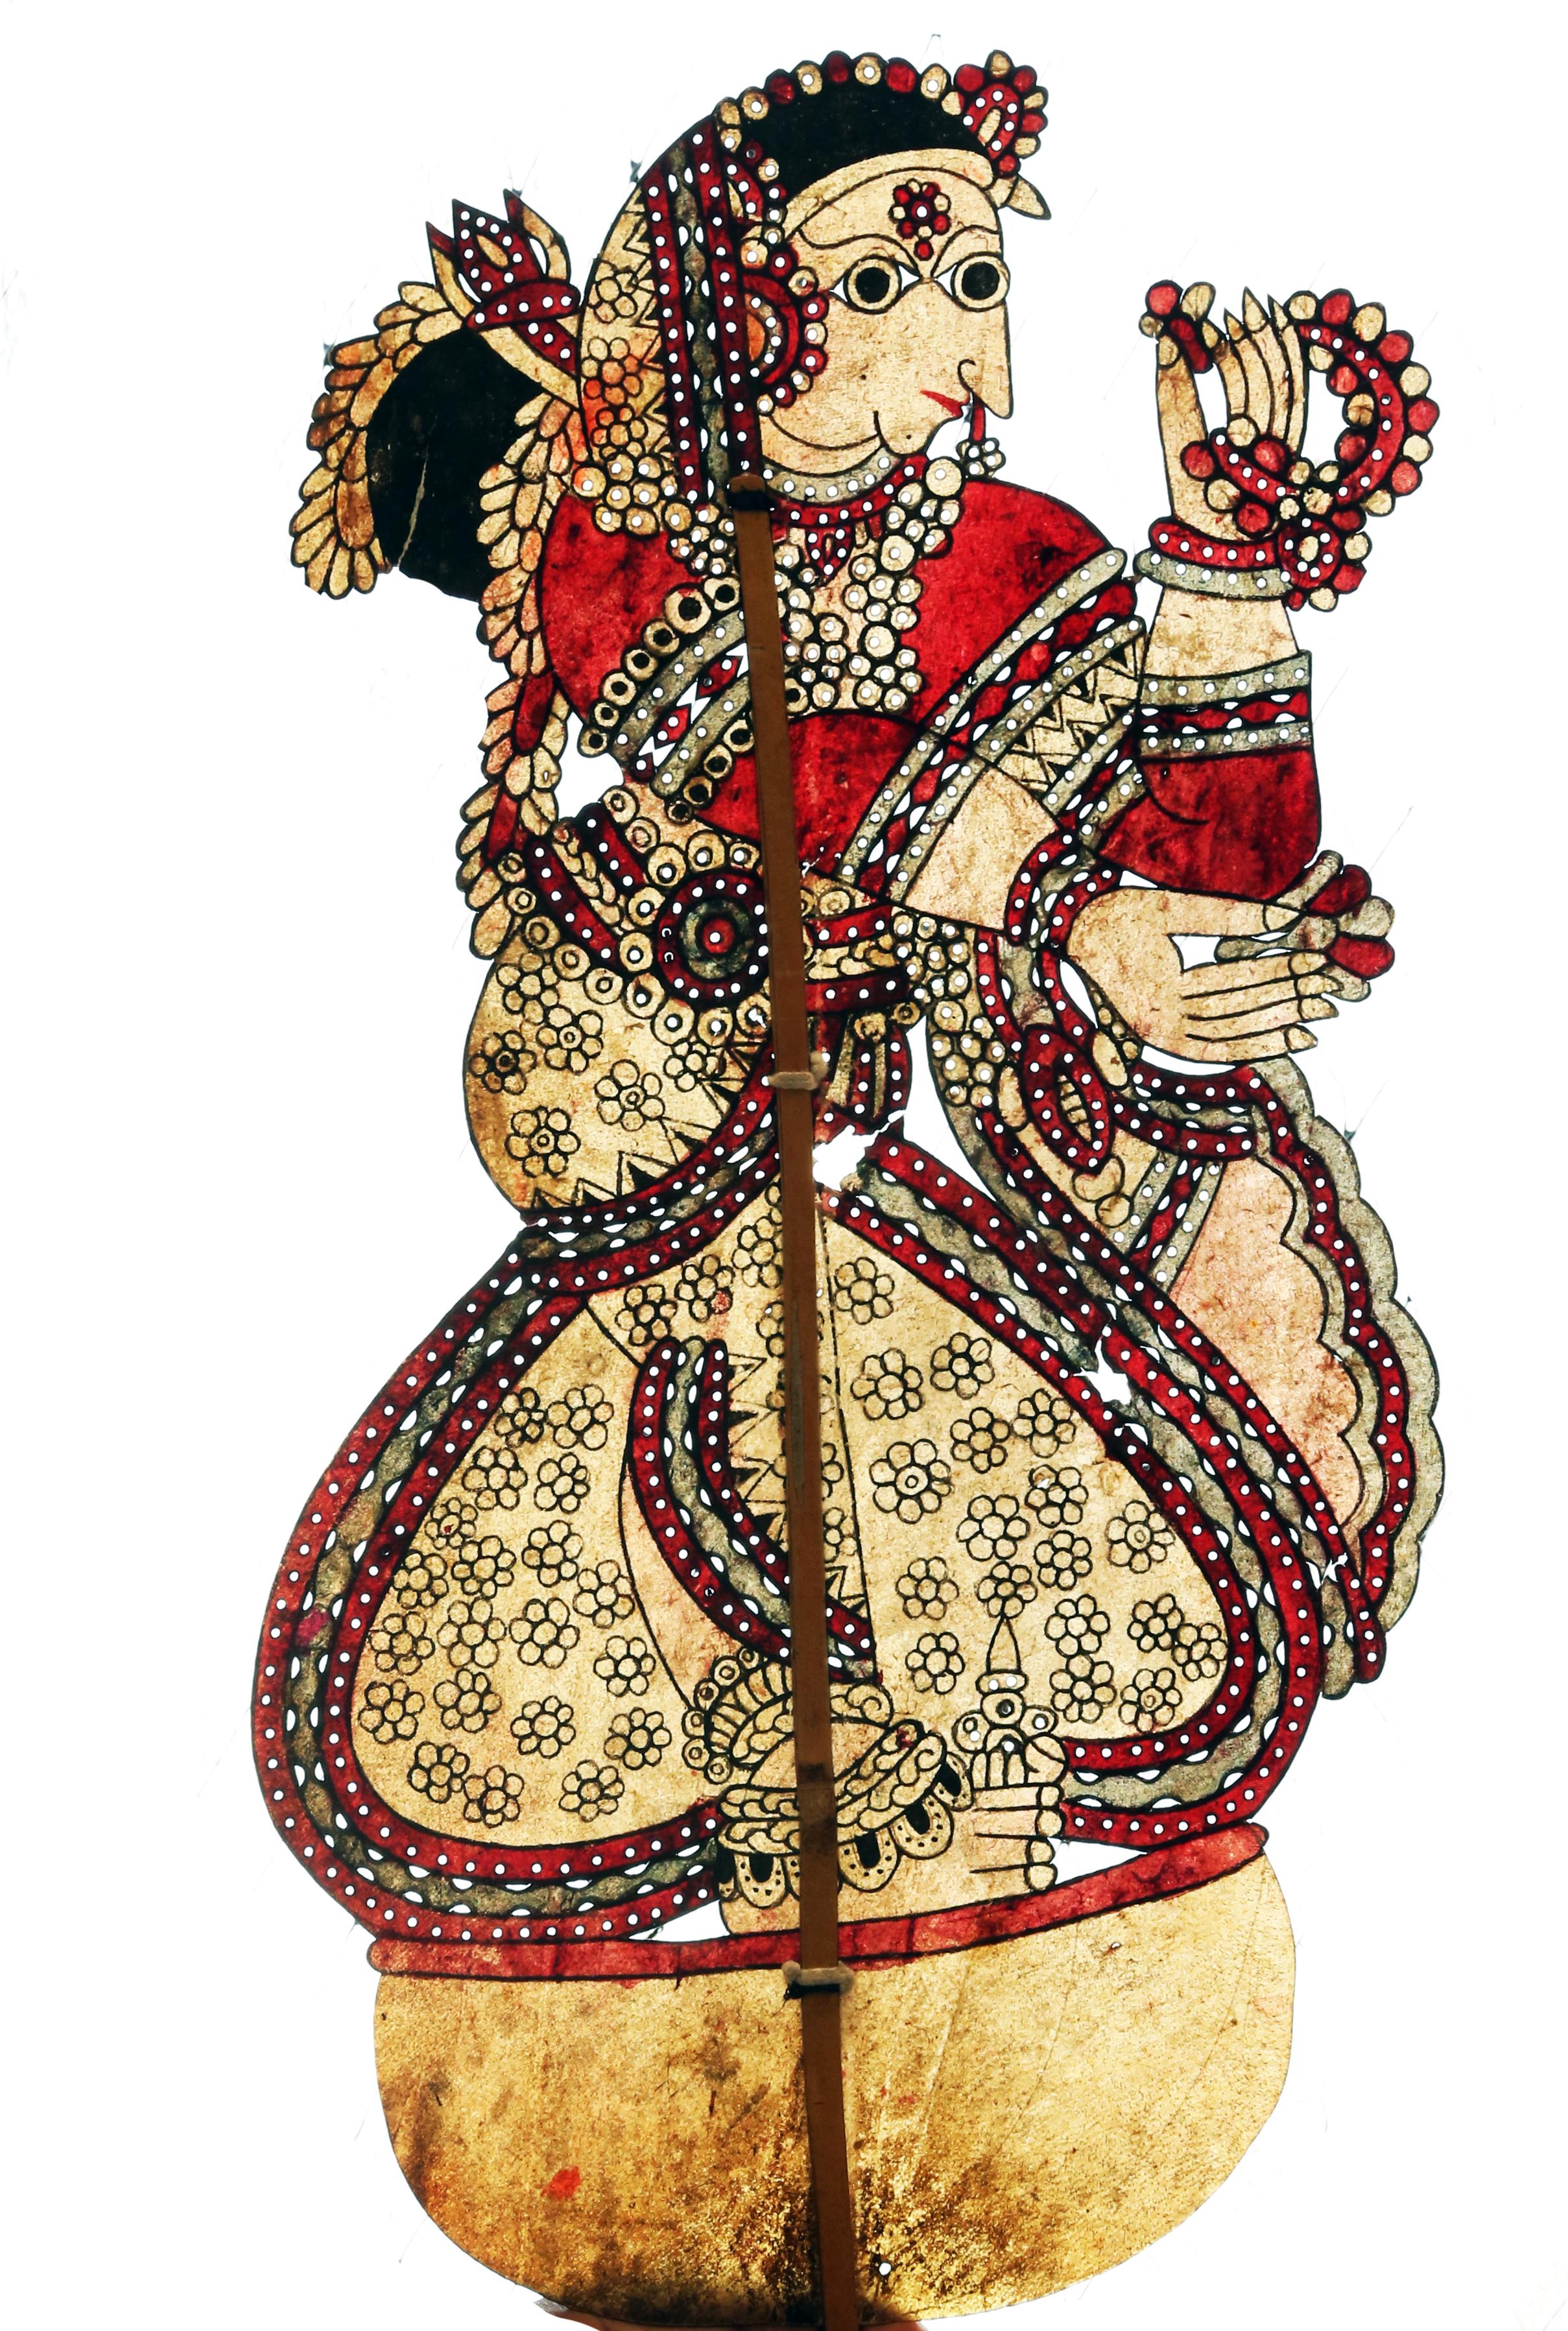 Draupadî, l'épouse des princes Pândava, dans le Mahâbhârata, une marionnette d'ombre en cuir, togalu gombeya</em>ta</em>, par le maître marionnettiste Gunduraju (Hassan, Karnataka, Inde)